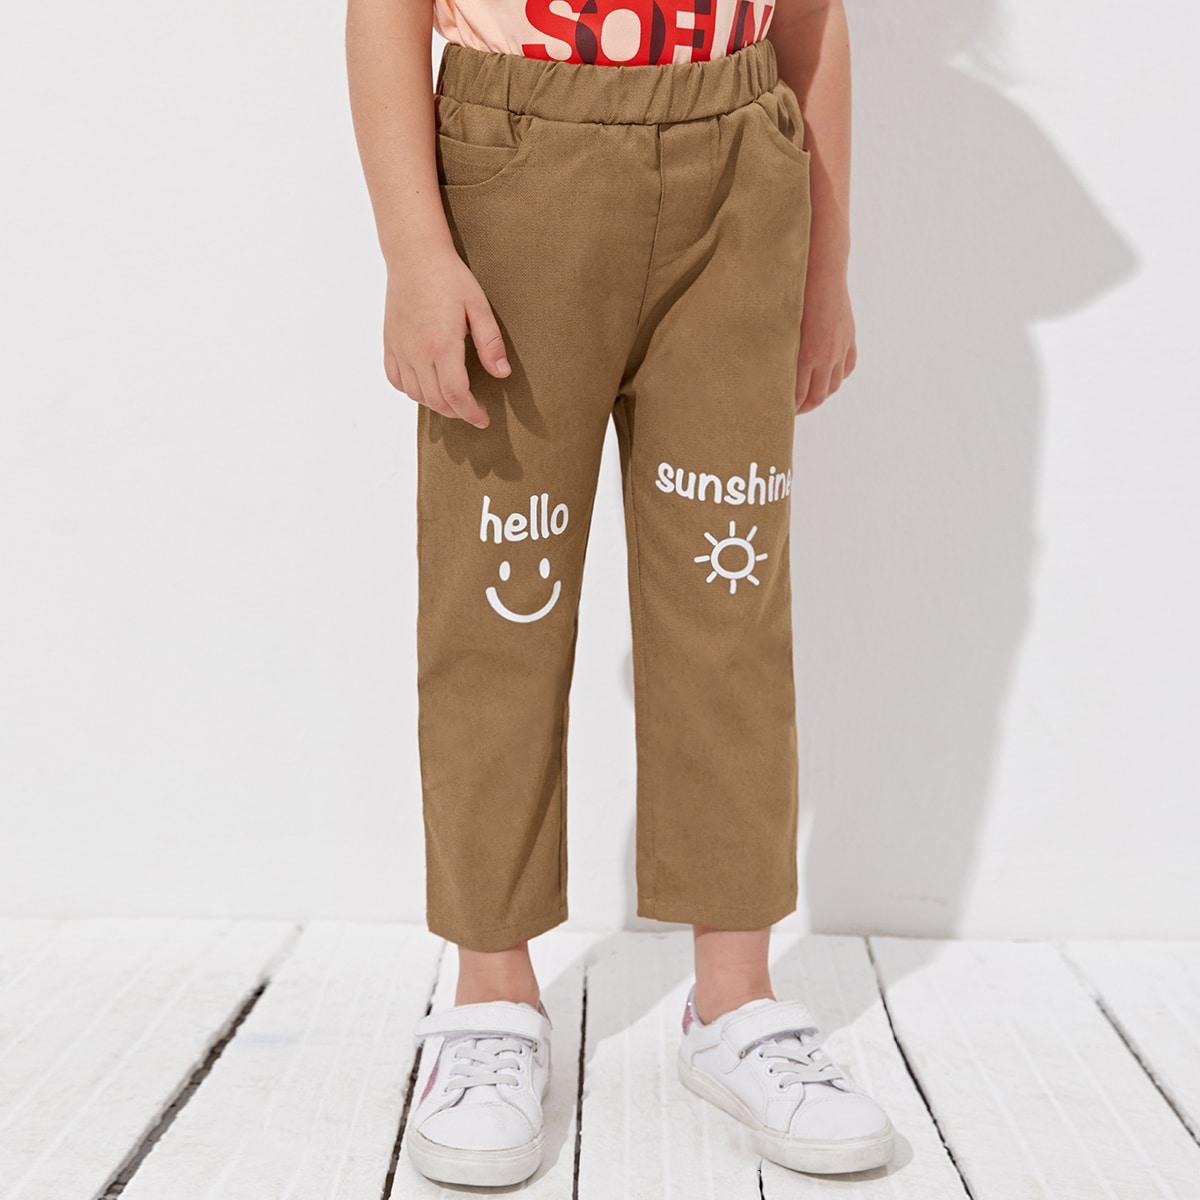 Короткие брюки с текстовым принтом для мальчиков